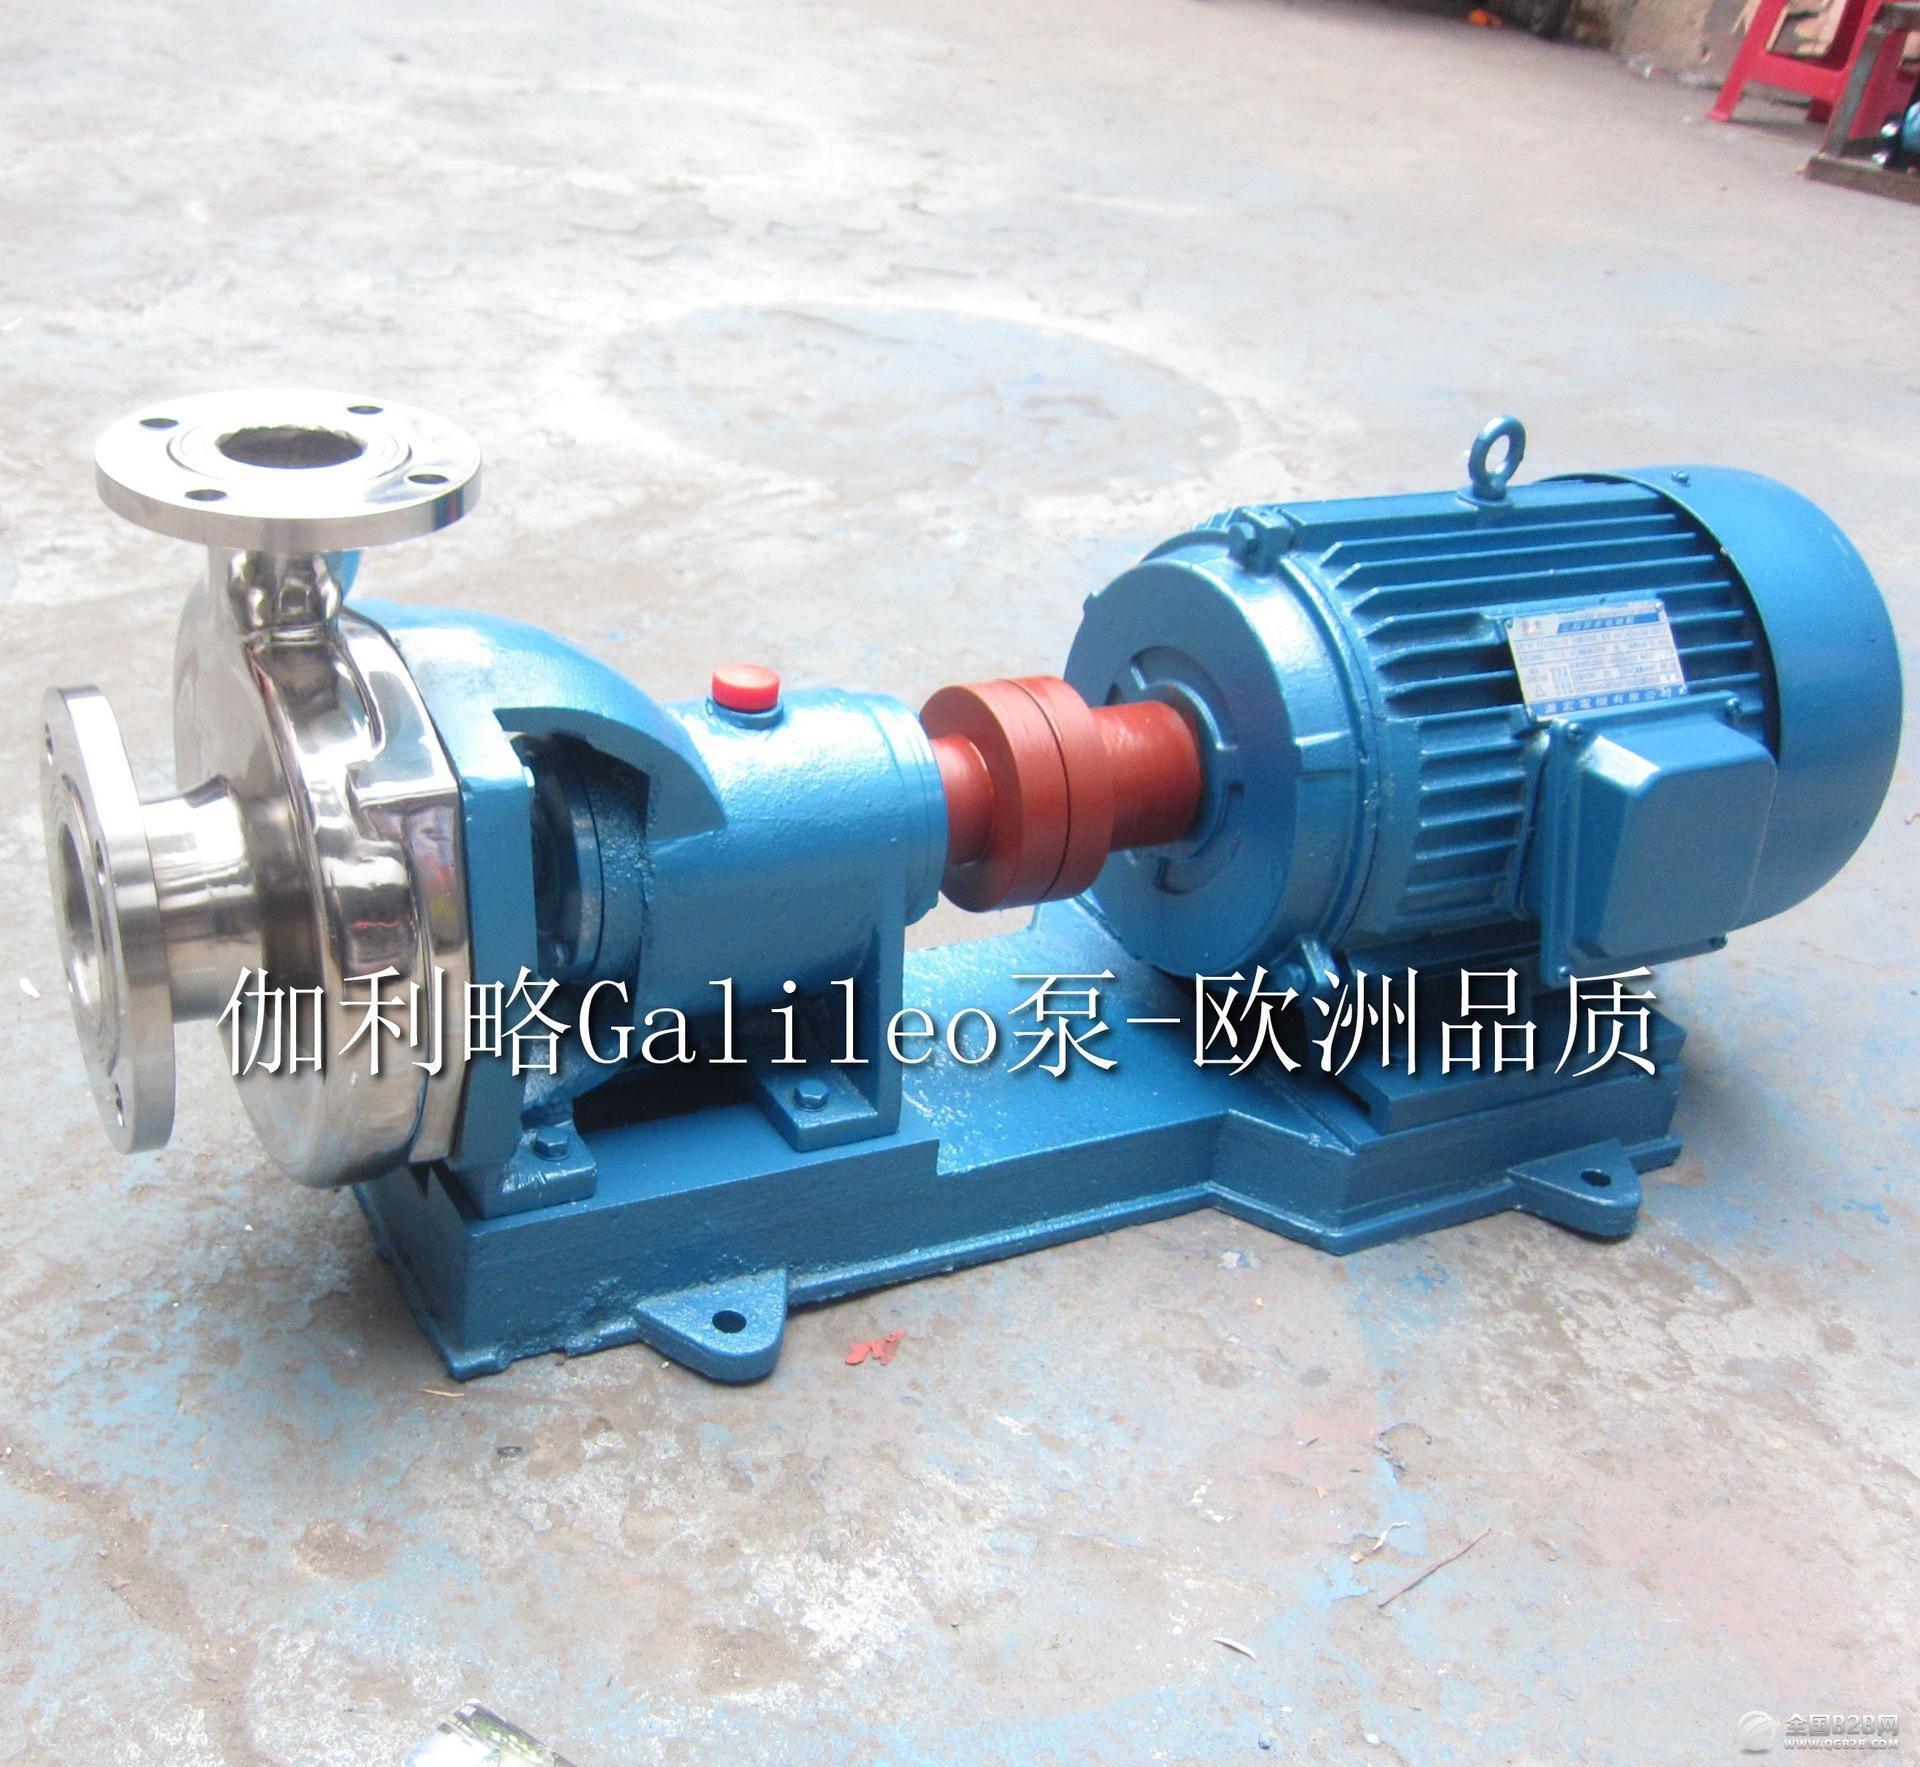 65-50-125不锈钢ih化工泵 优质ih化工离心泵 化工